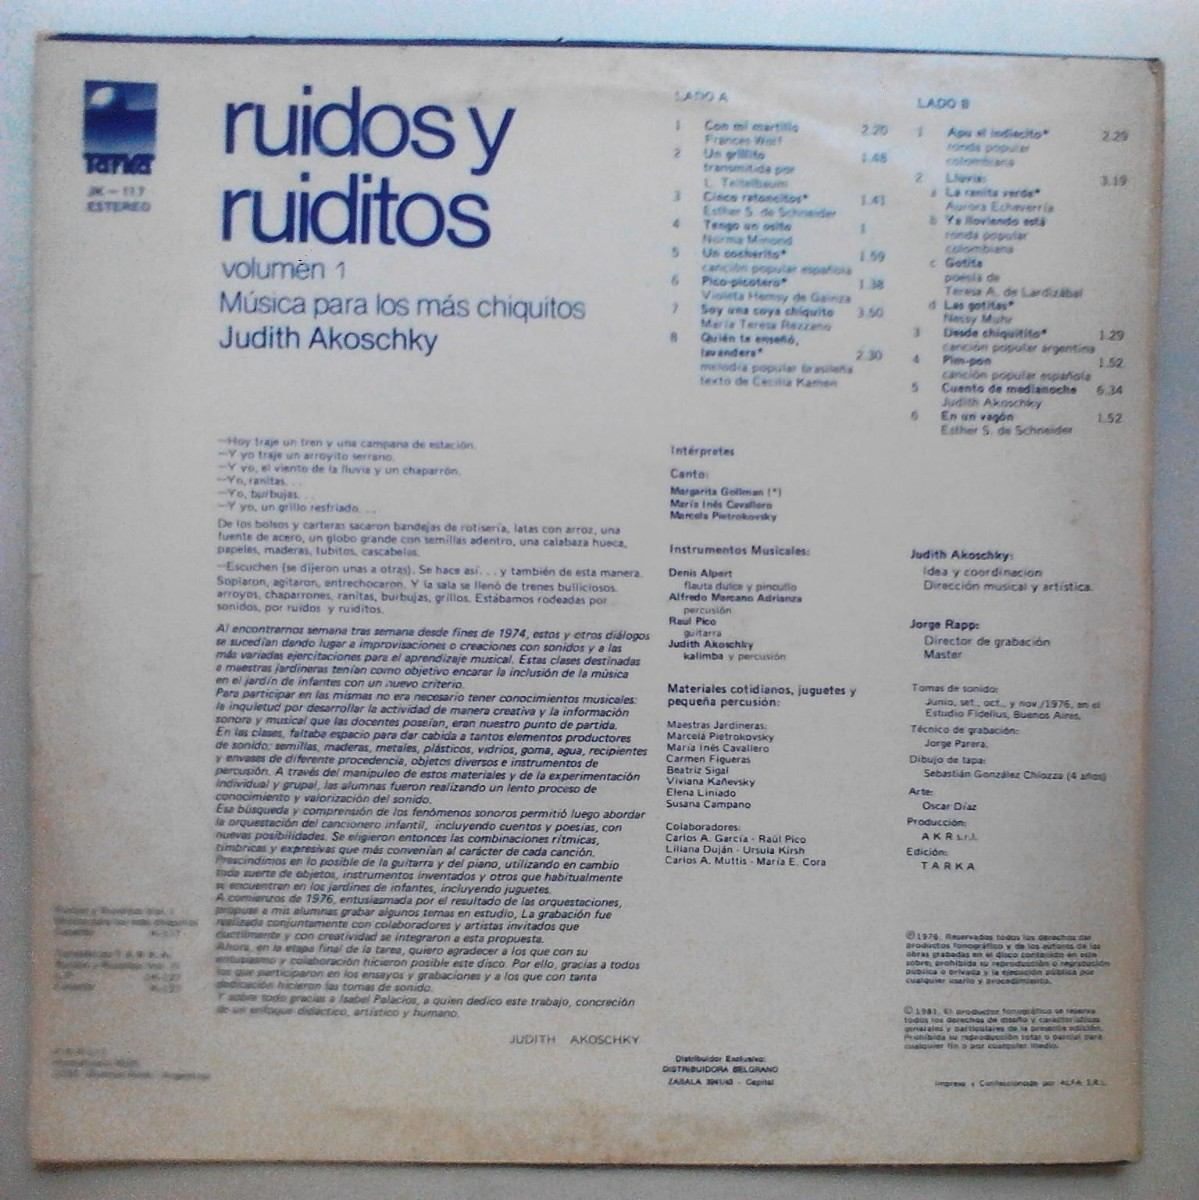 ruidos y ruiditos vol 1